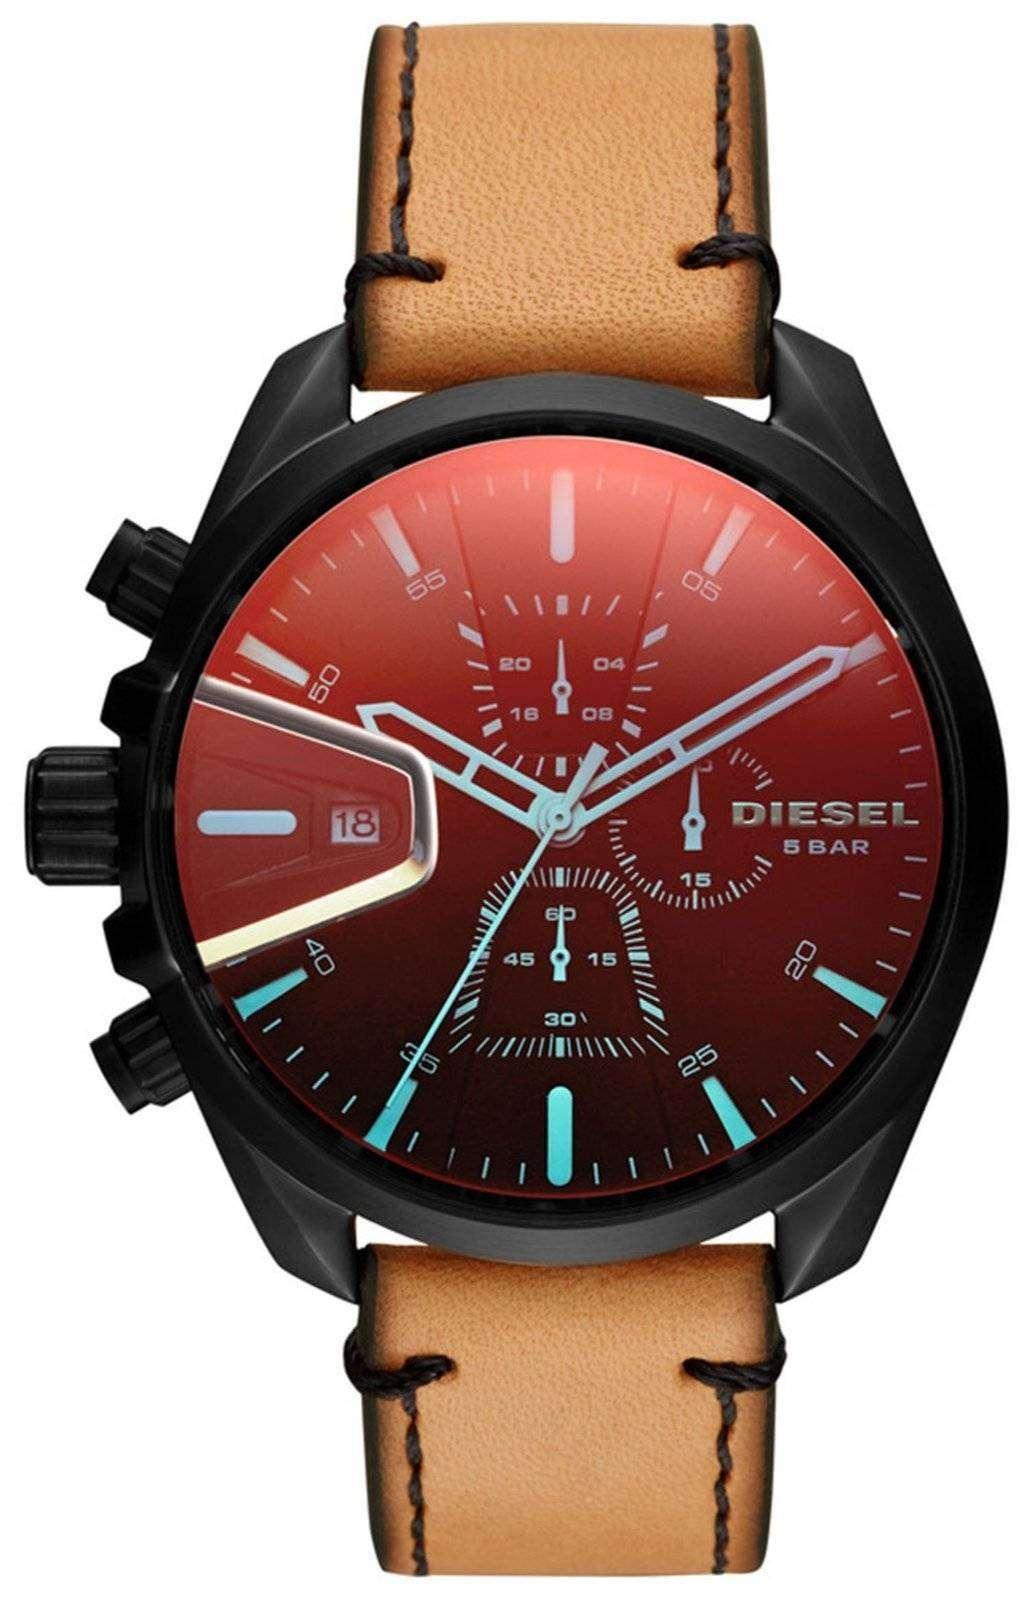 ディーゼルの時間枠 MS9 クロノグラフ クォーツ DZ4471 メンズ腕時計